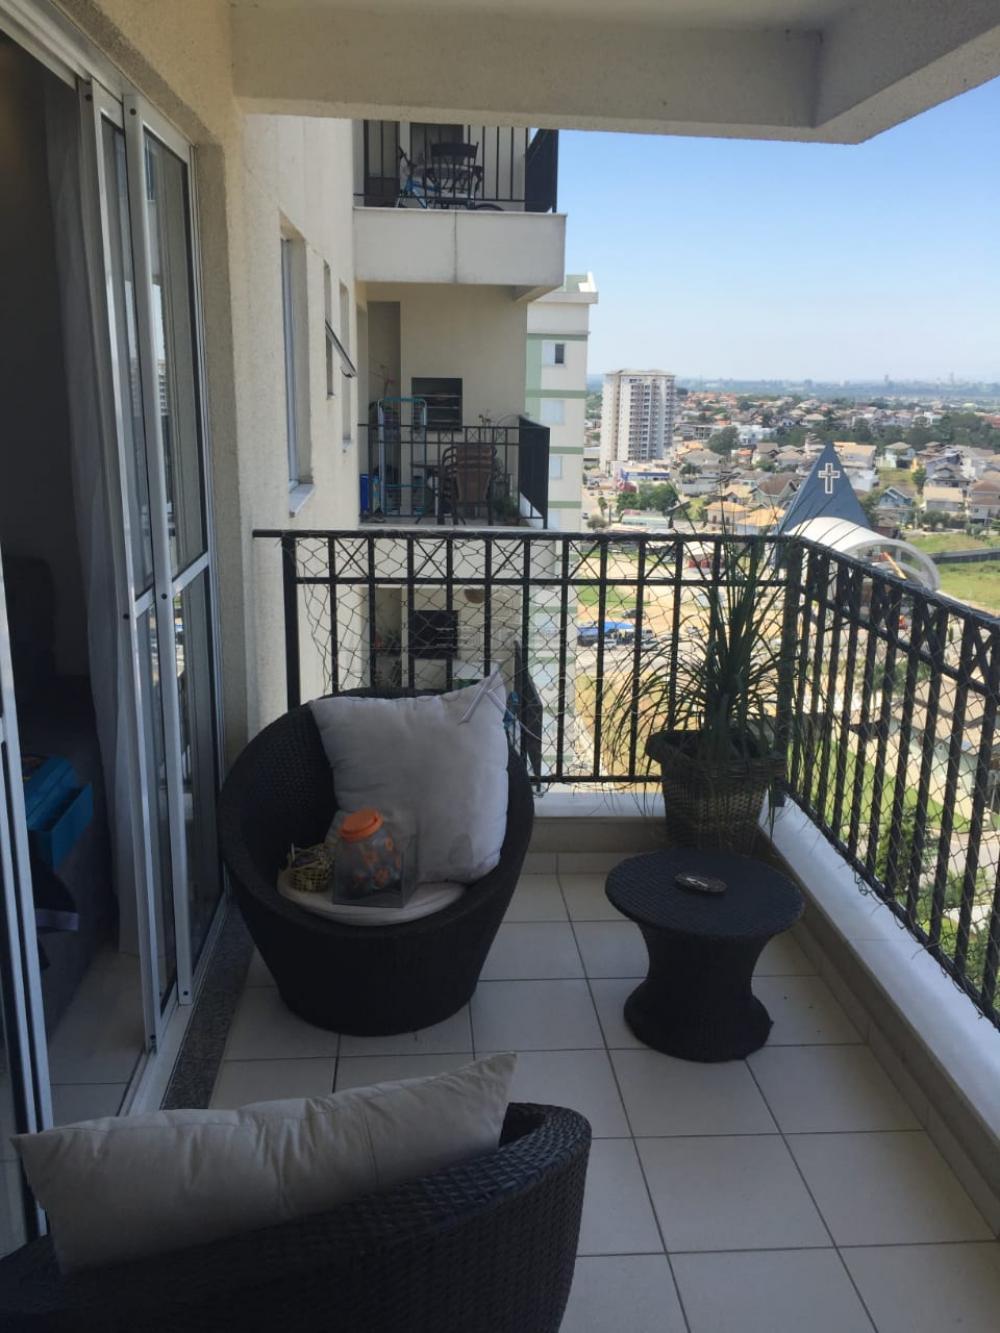 Comprar Apartamento / Padrão em São José dos Campos apenas R$ 372.000,00 - Foto 17